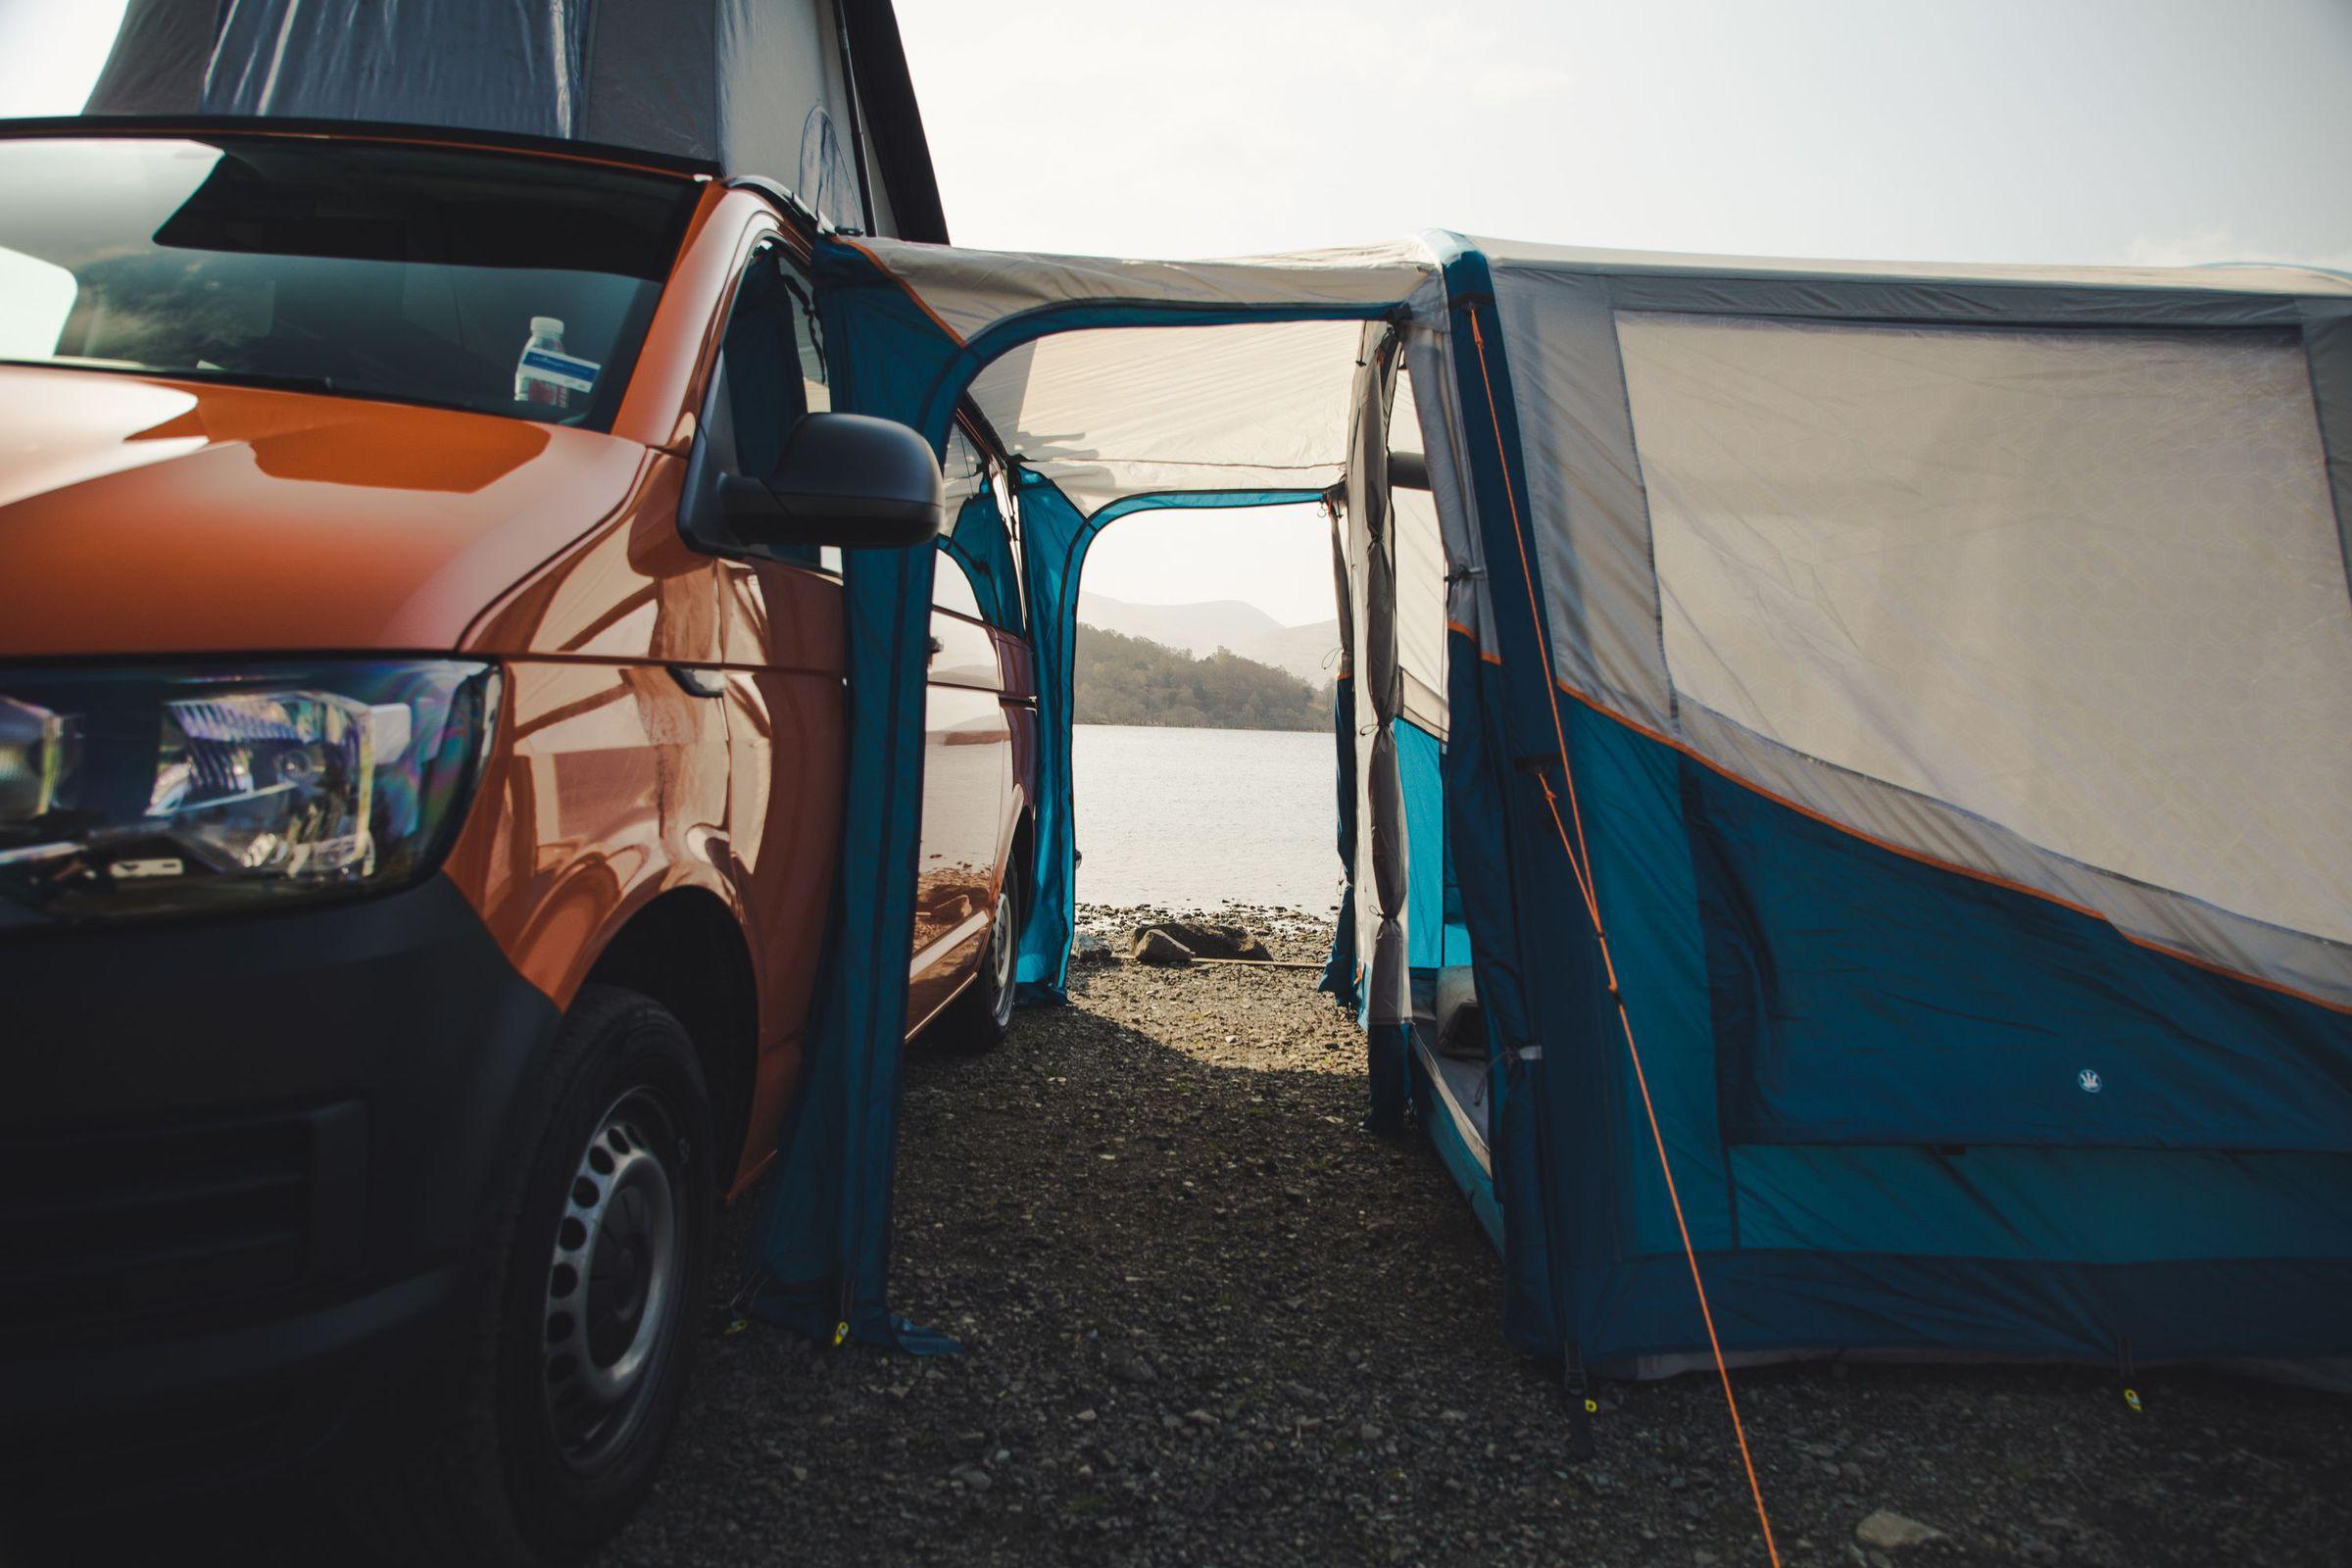 Vango Tolga Vw Low Driveaway Awning Norwich Camping2